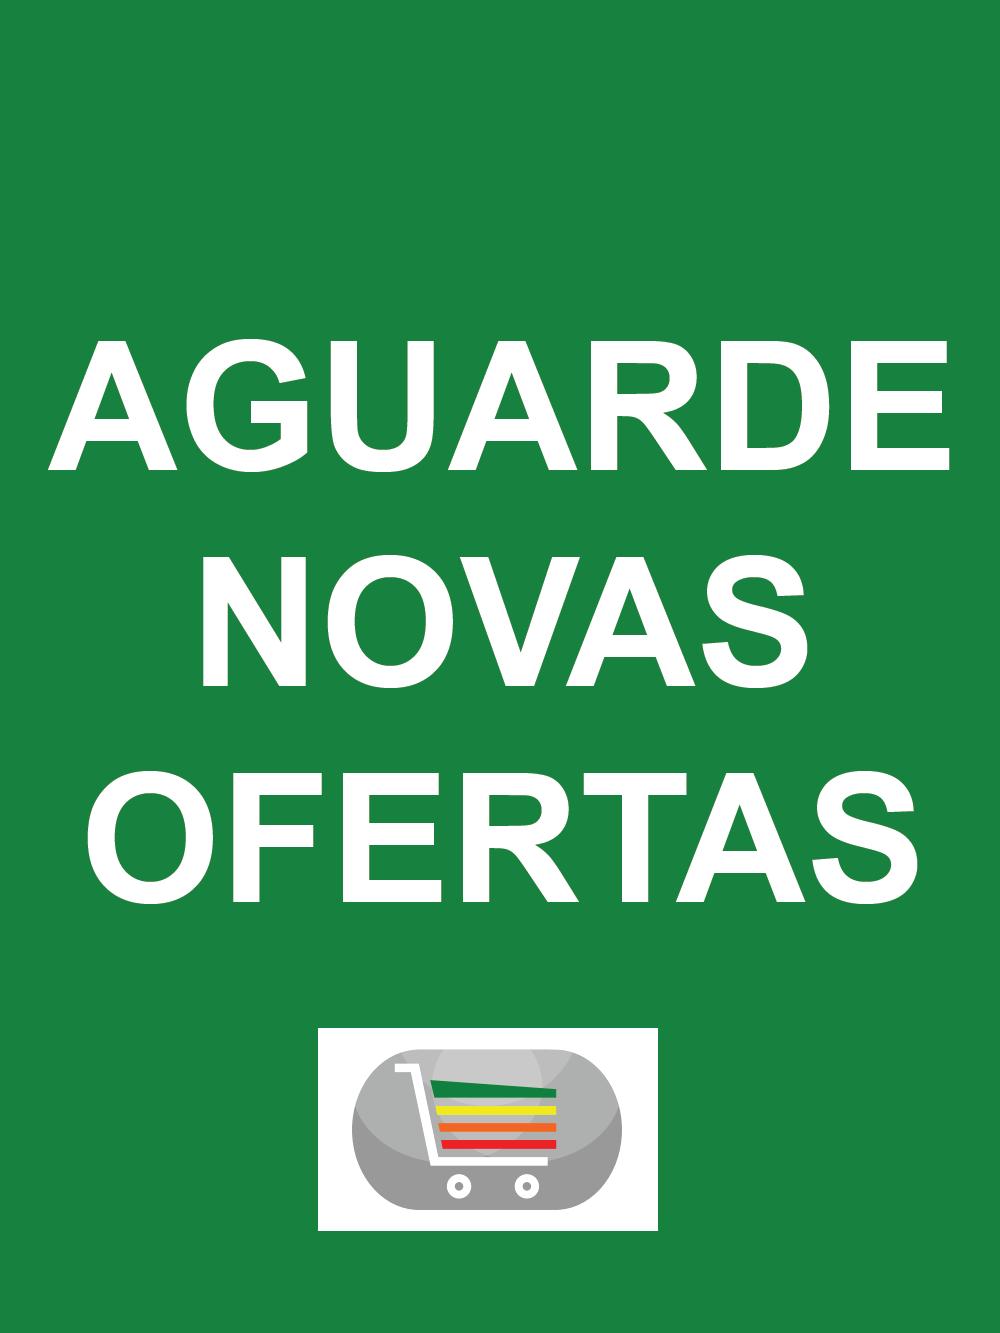 ofertas_de_supermercados4342-1000x1333 D'Avó até 21/03